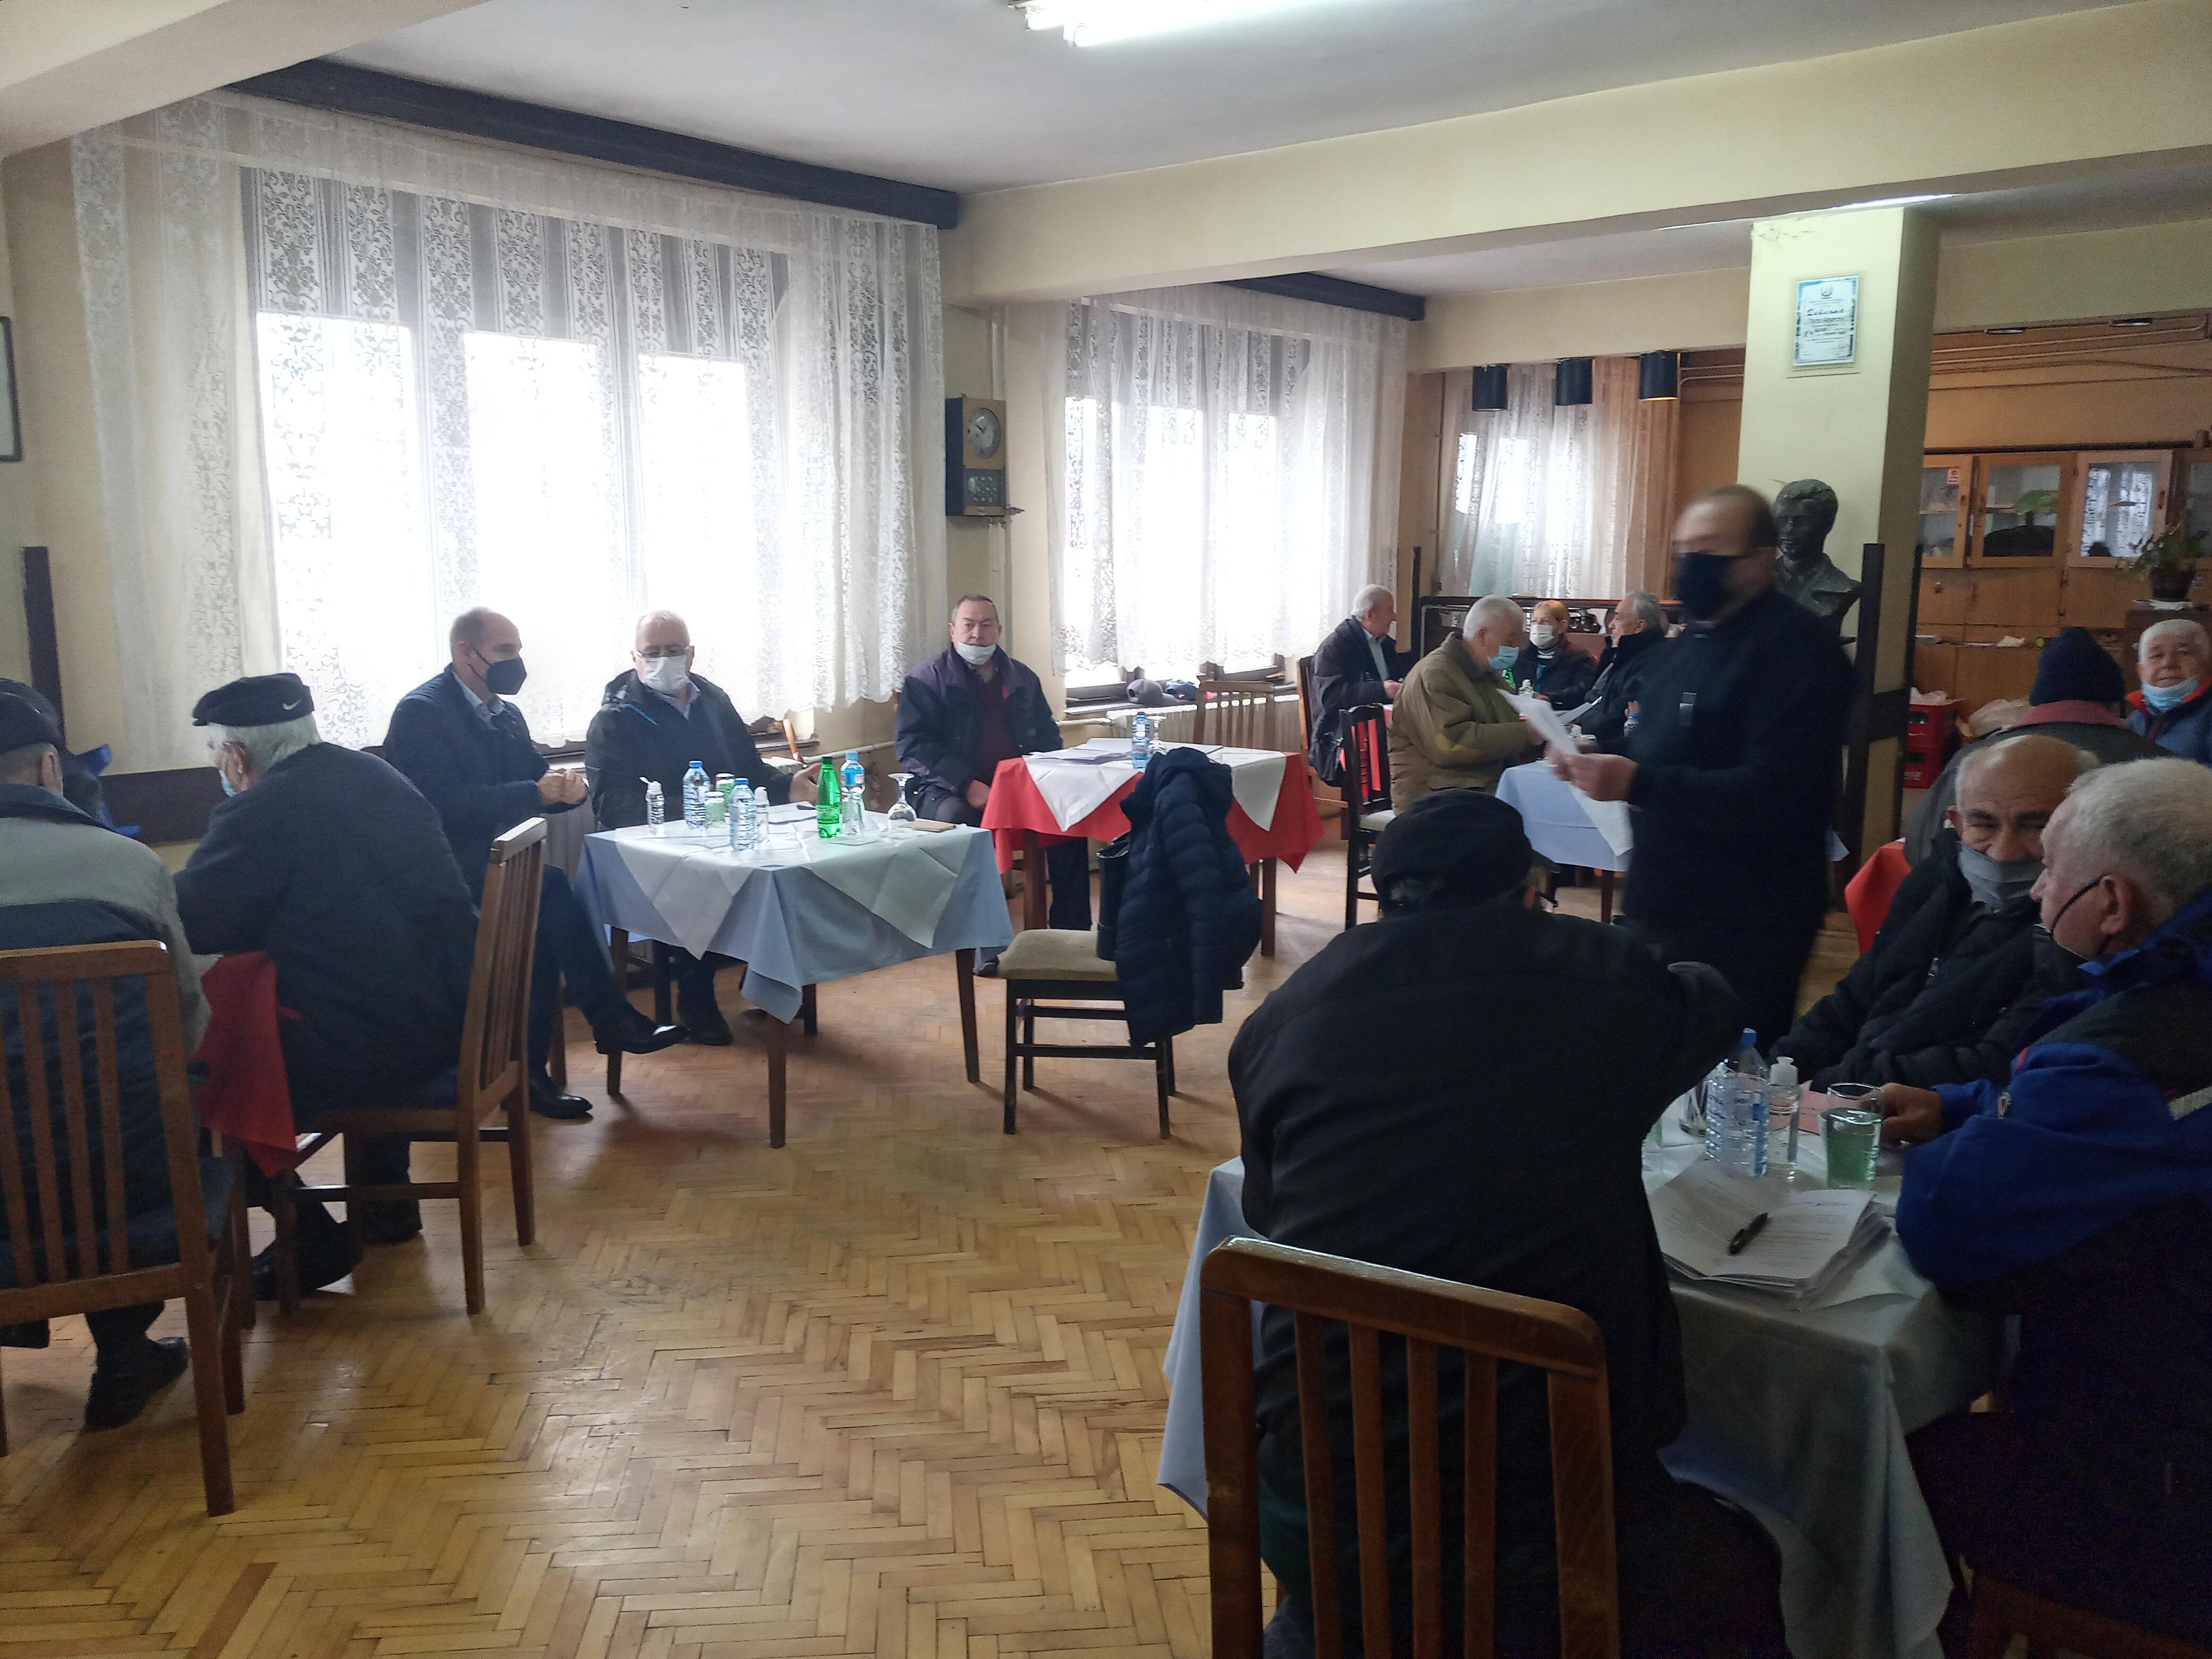 Градоначалникот Пекевски и Претседателот на Совет, Матеничарски присуствуваа на седница на Здружение на пензионери